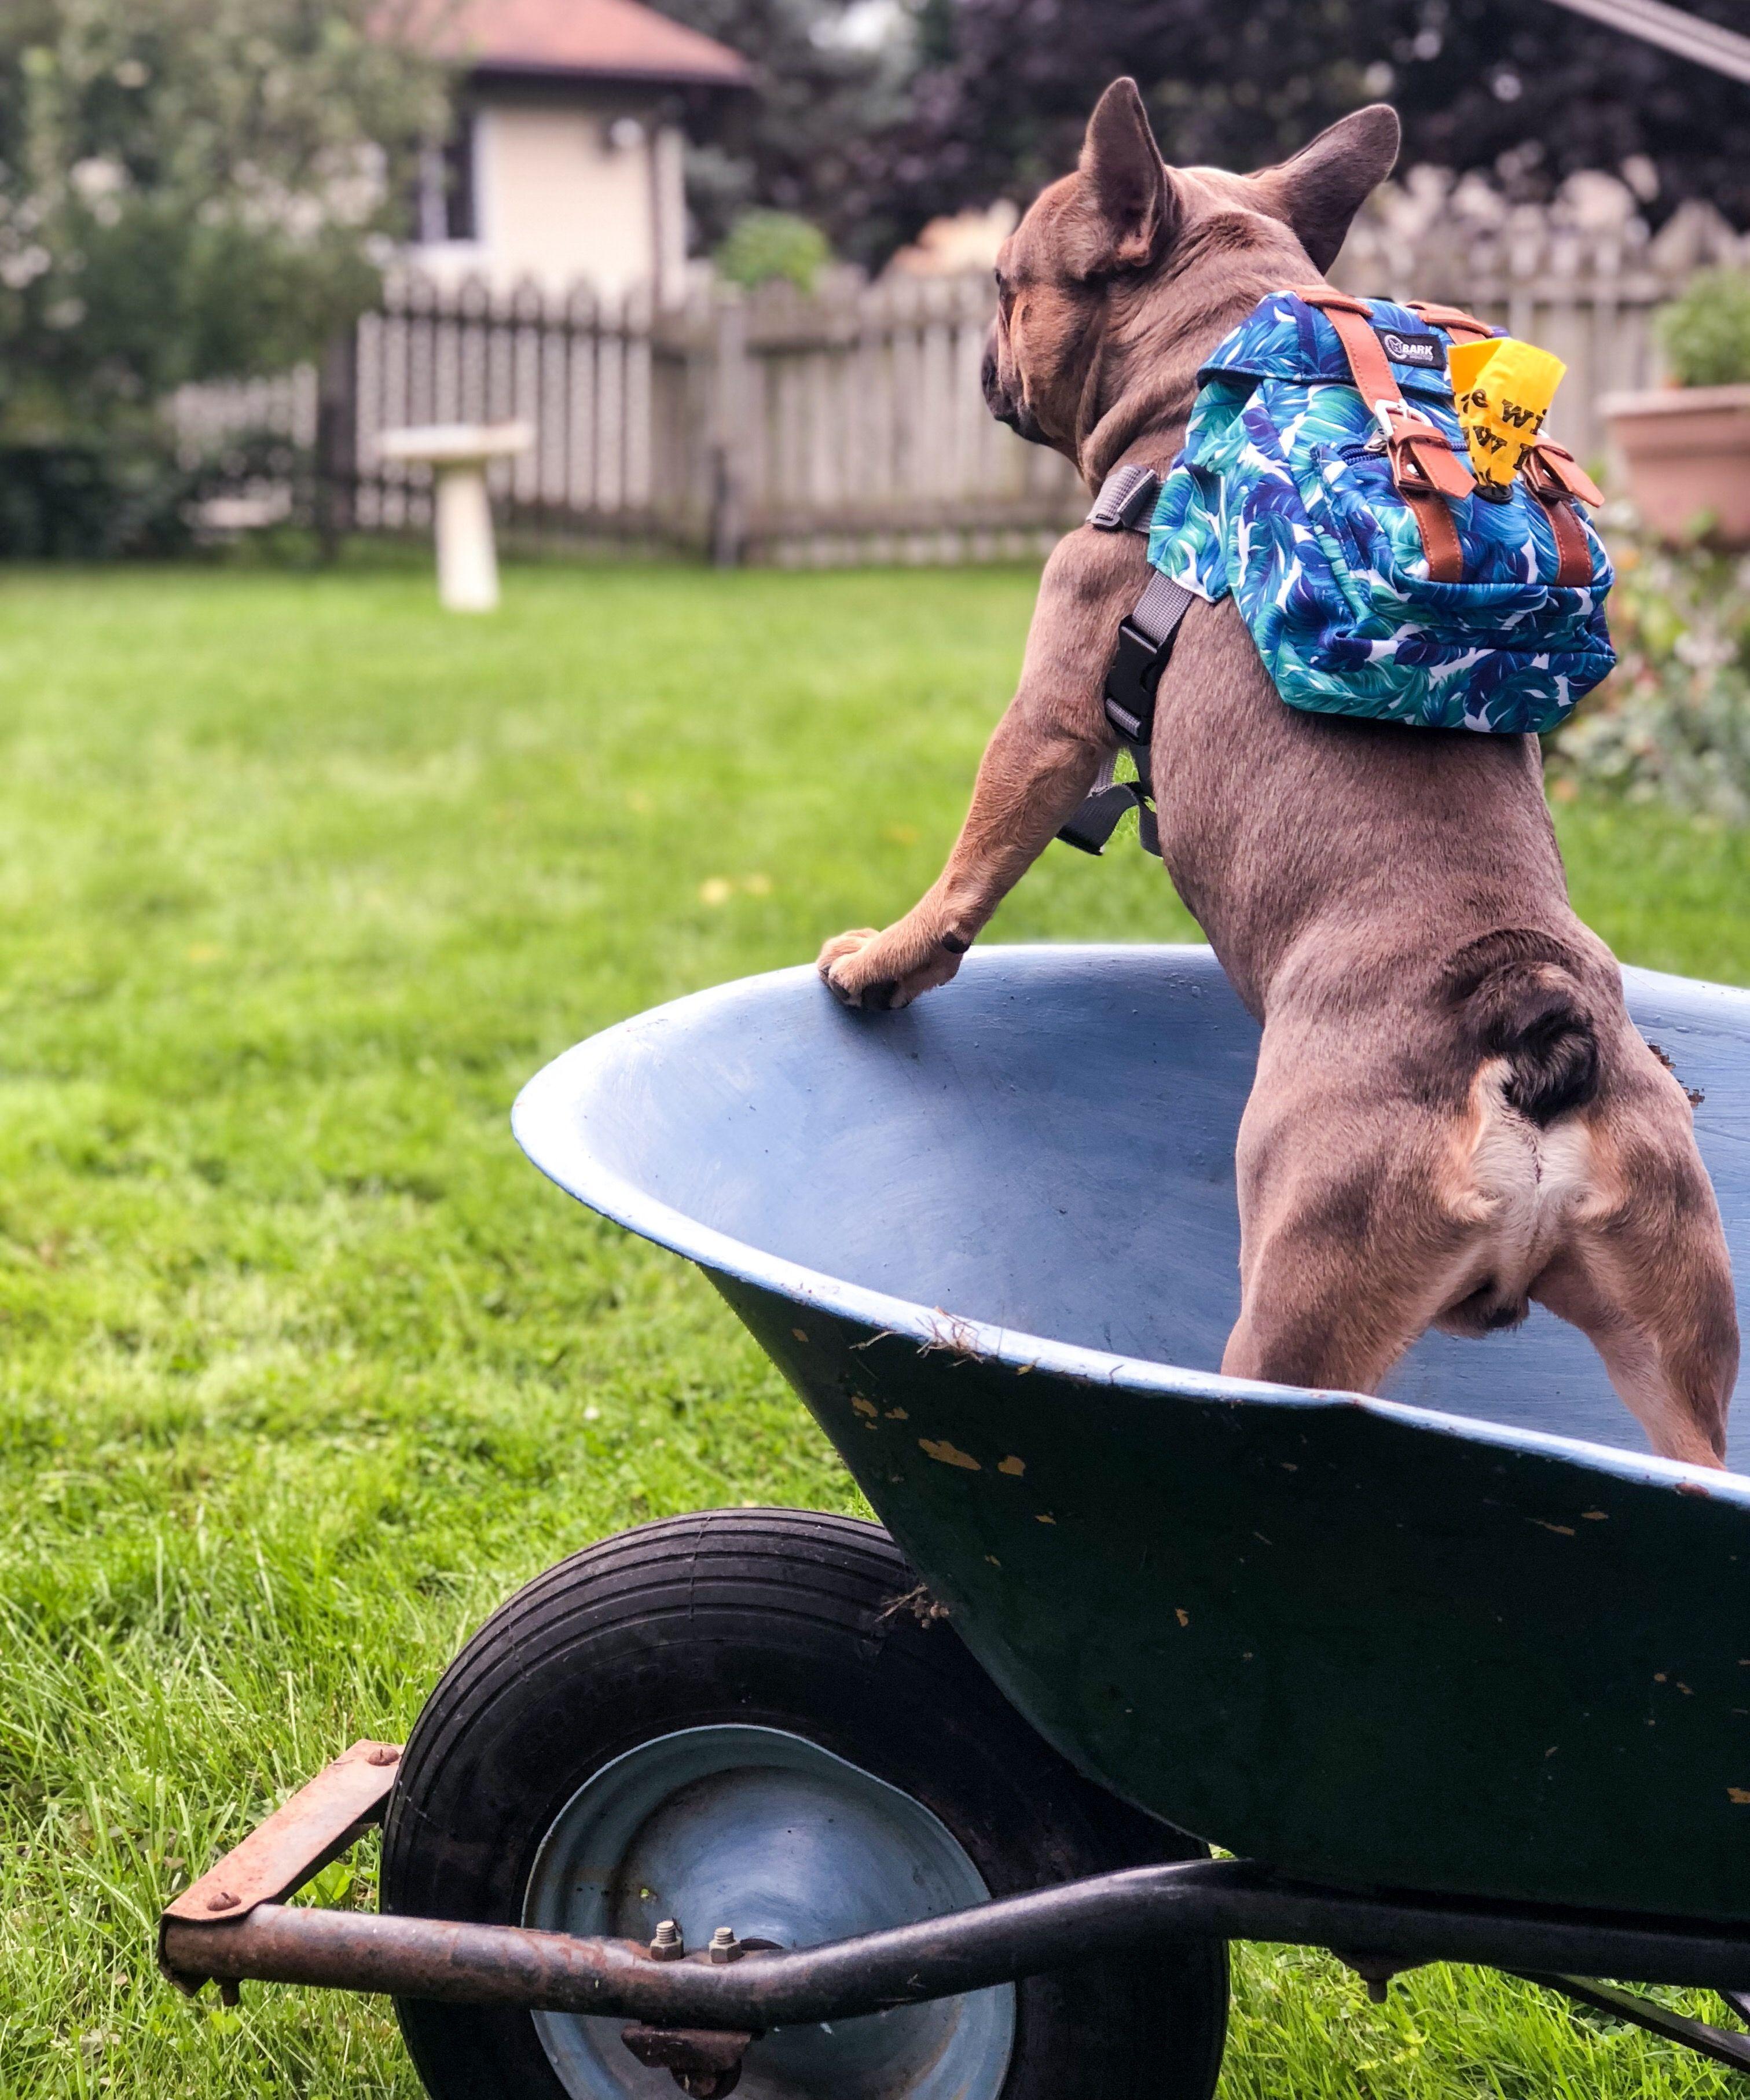 Dog Backpack Dog Backpack Diy Dog Backpack Harness Dog Backpack Hiking Dog Backpack Carrier Backpacks For Dogs B Dog Training Bulldog Puppies Training Your Dog